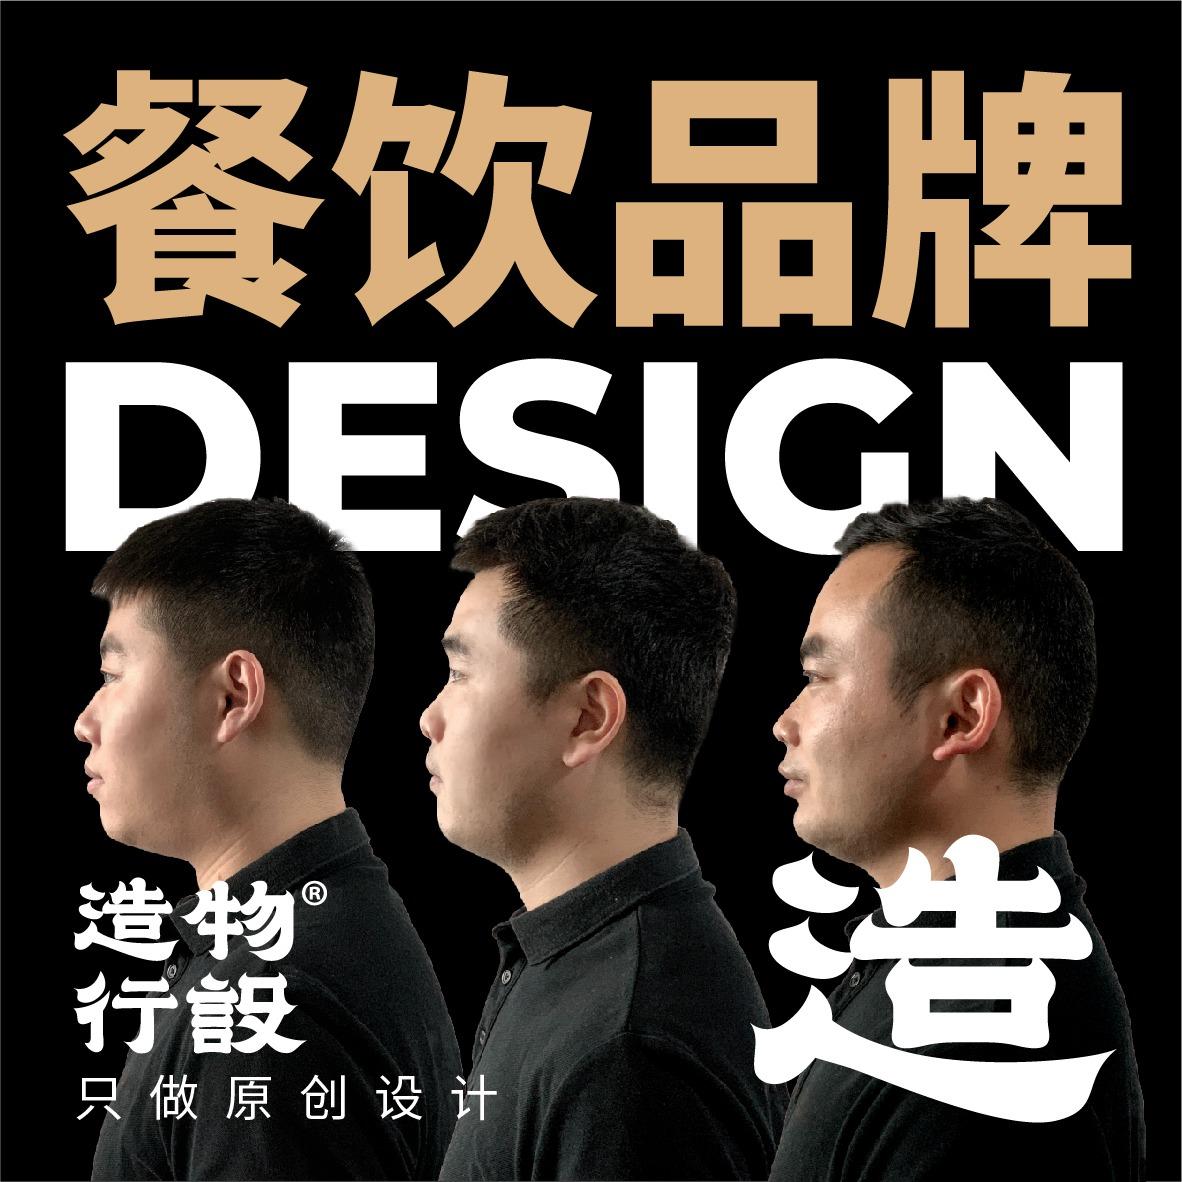 餐饮品牌全案 vi设计 视觉识别系统企业加盟 设计 全套门店形象规范